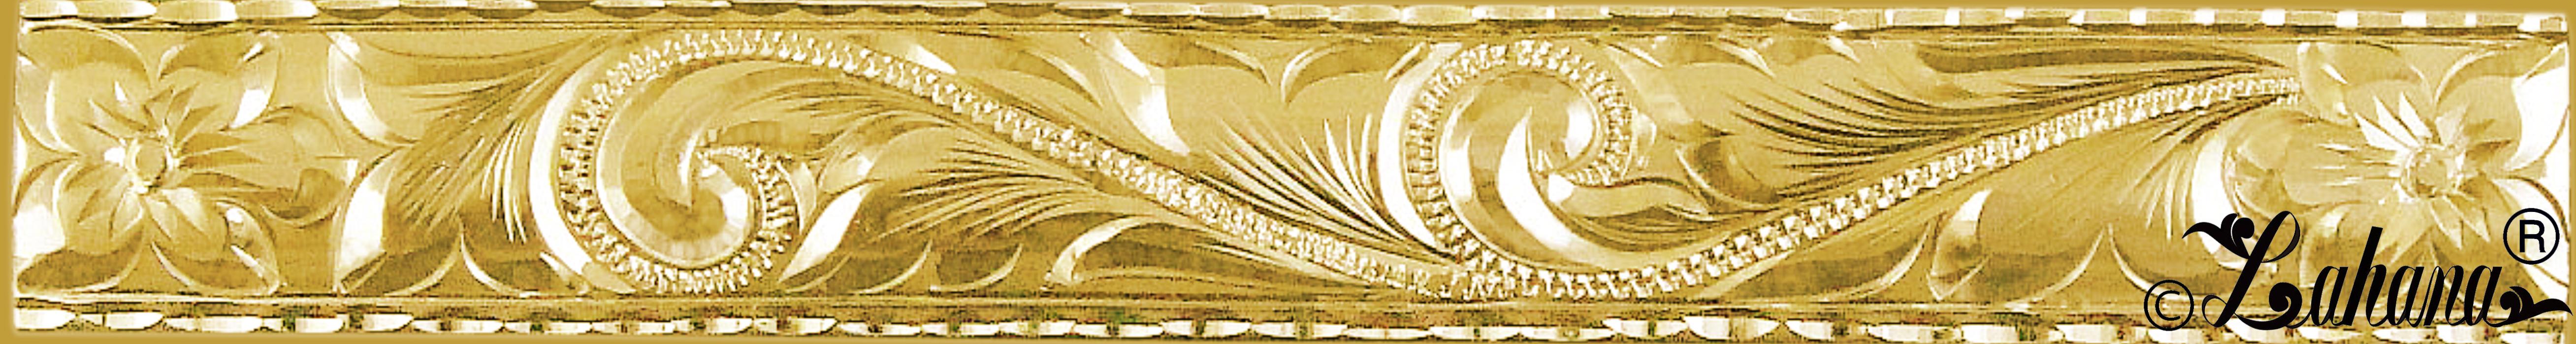 sample-logo-14k-td-d.jpg